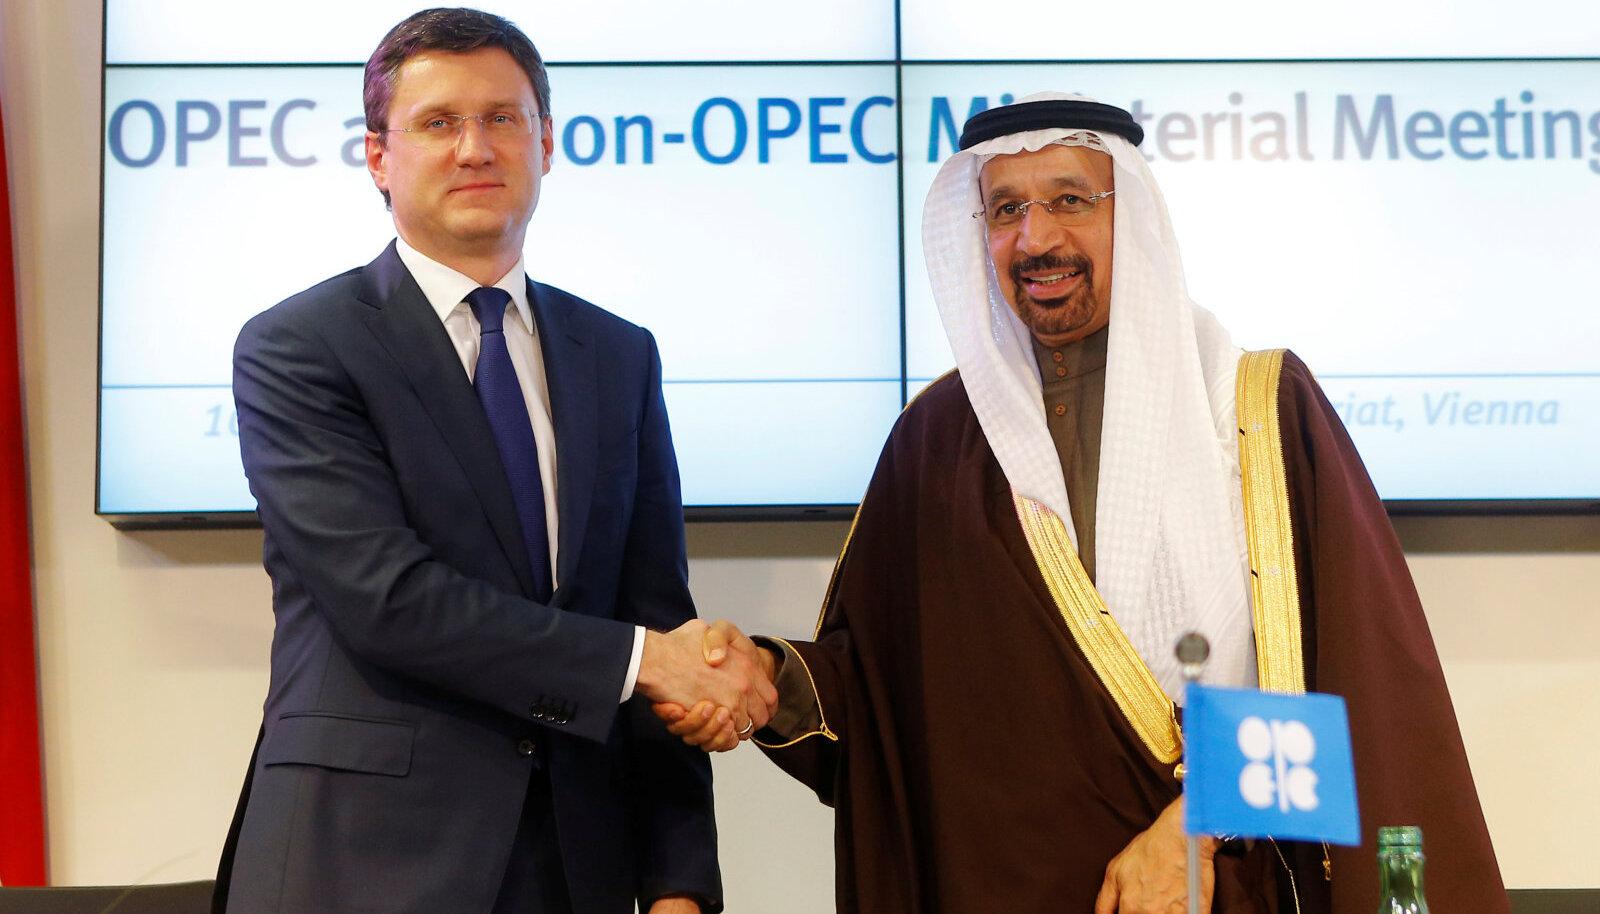 Venemaa energeetikaminister Alexander Novak ja Saudi Araabia energeetikaminister Khalid al-Falih